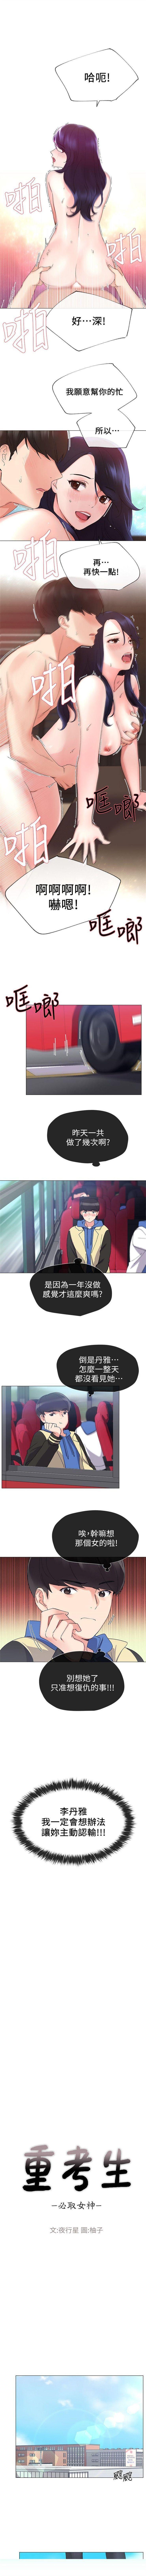 (週5)重考生 1-52 中文翻譯(更新中) 79